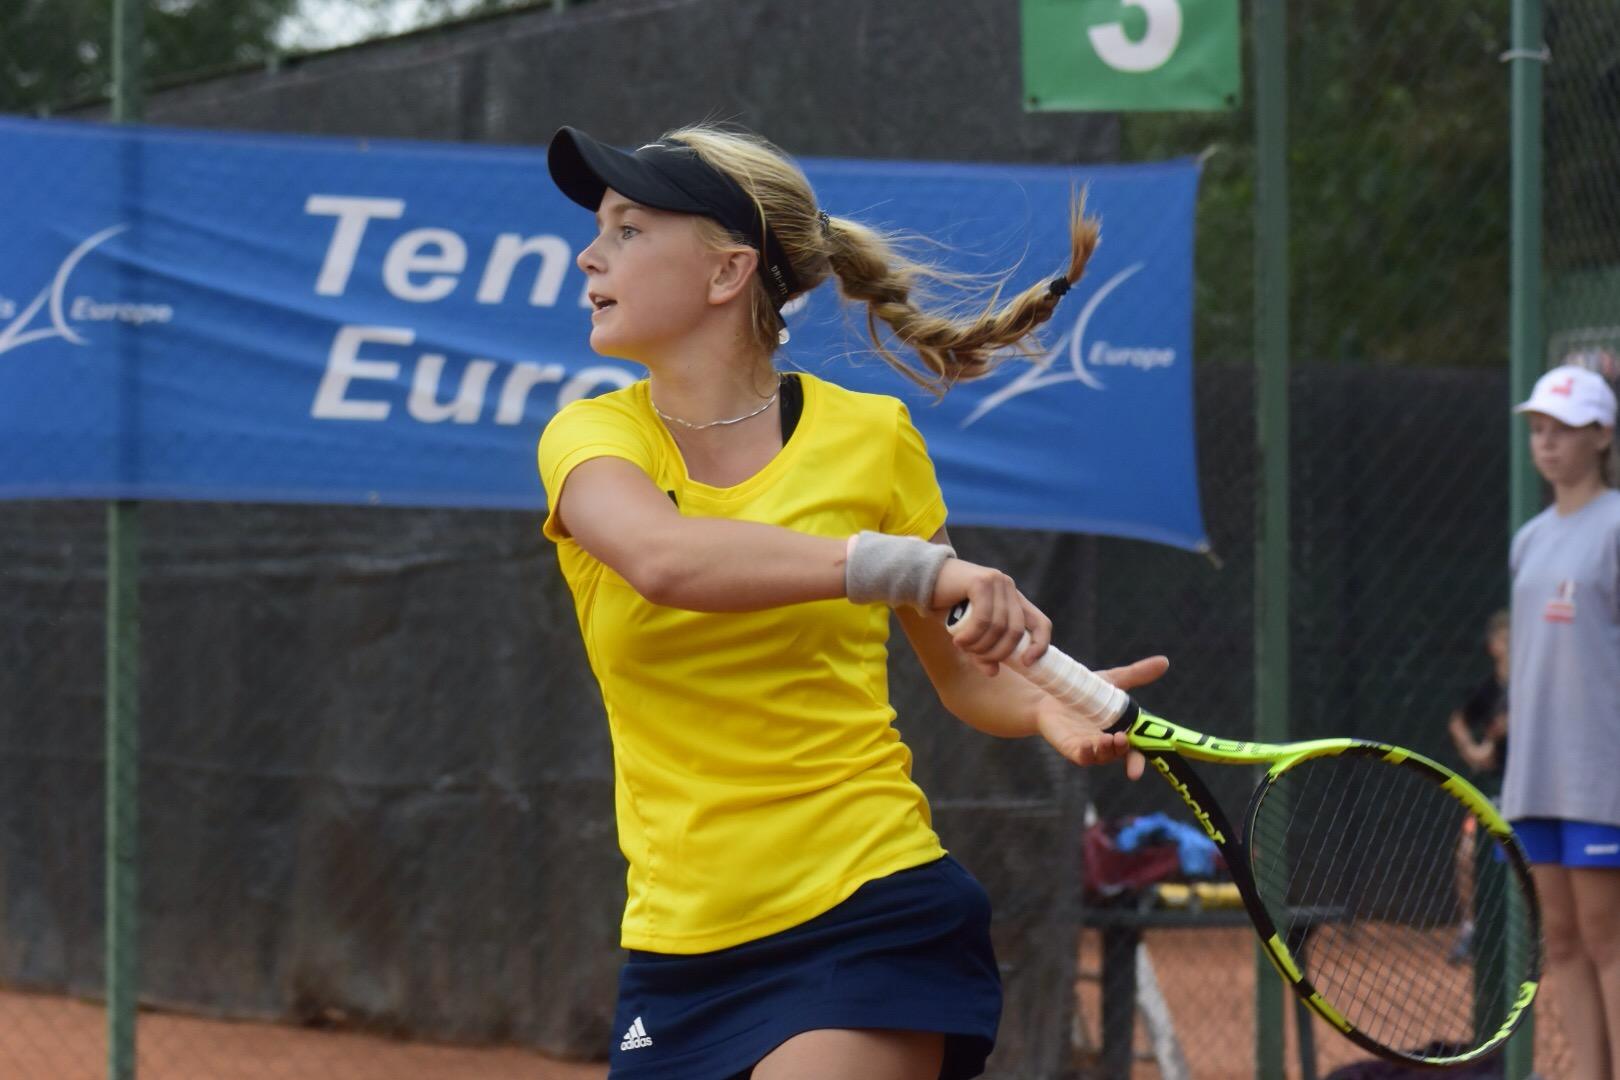 Caijsa Hennemann